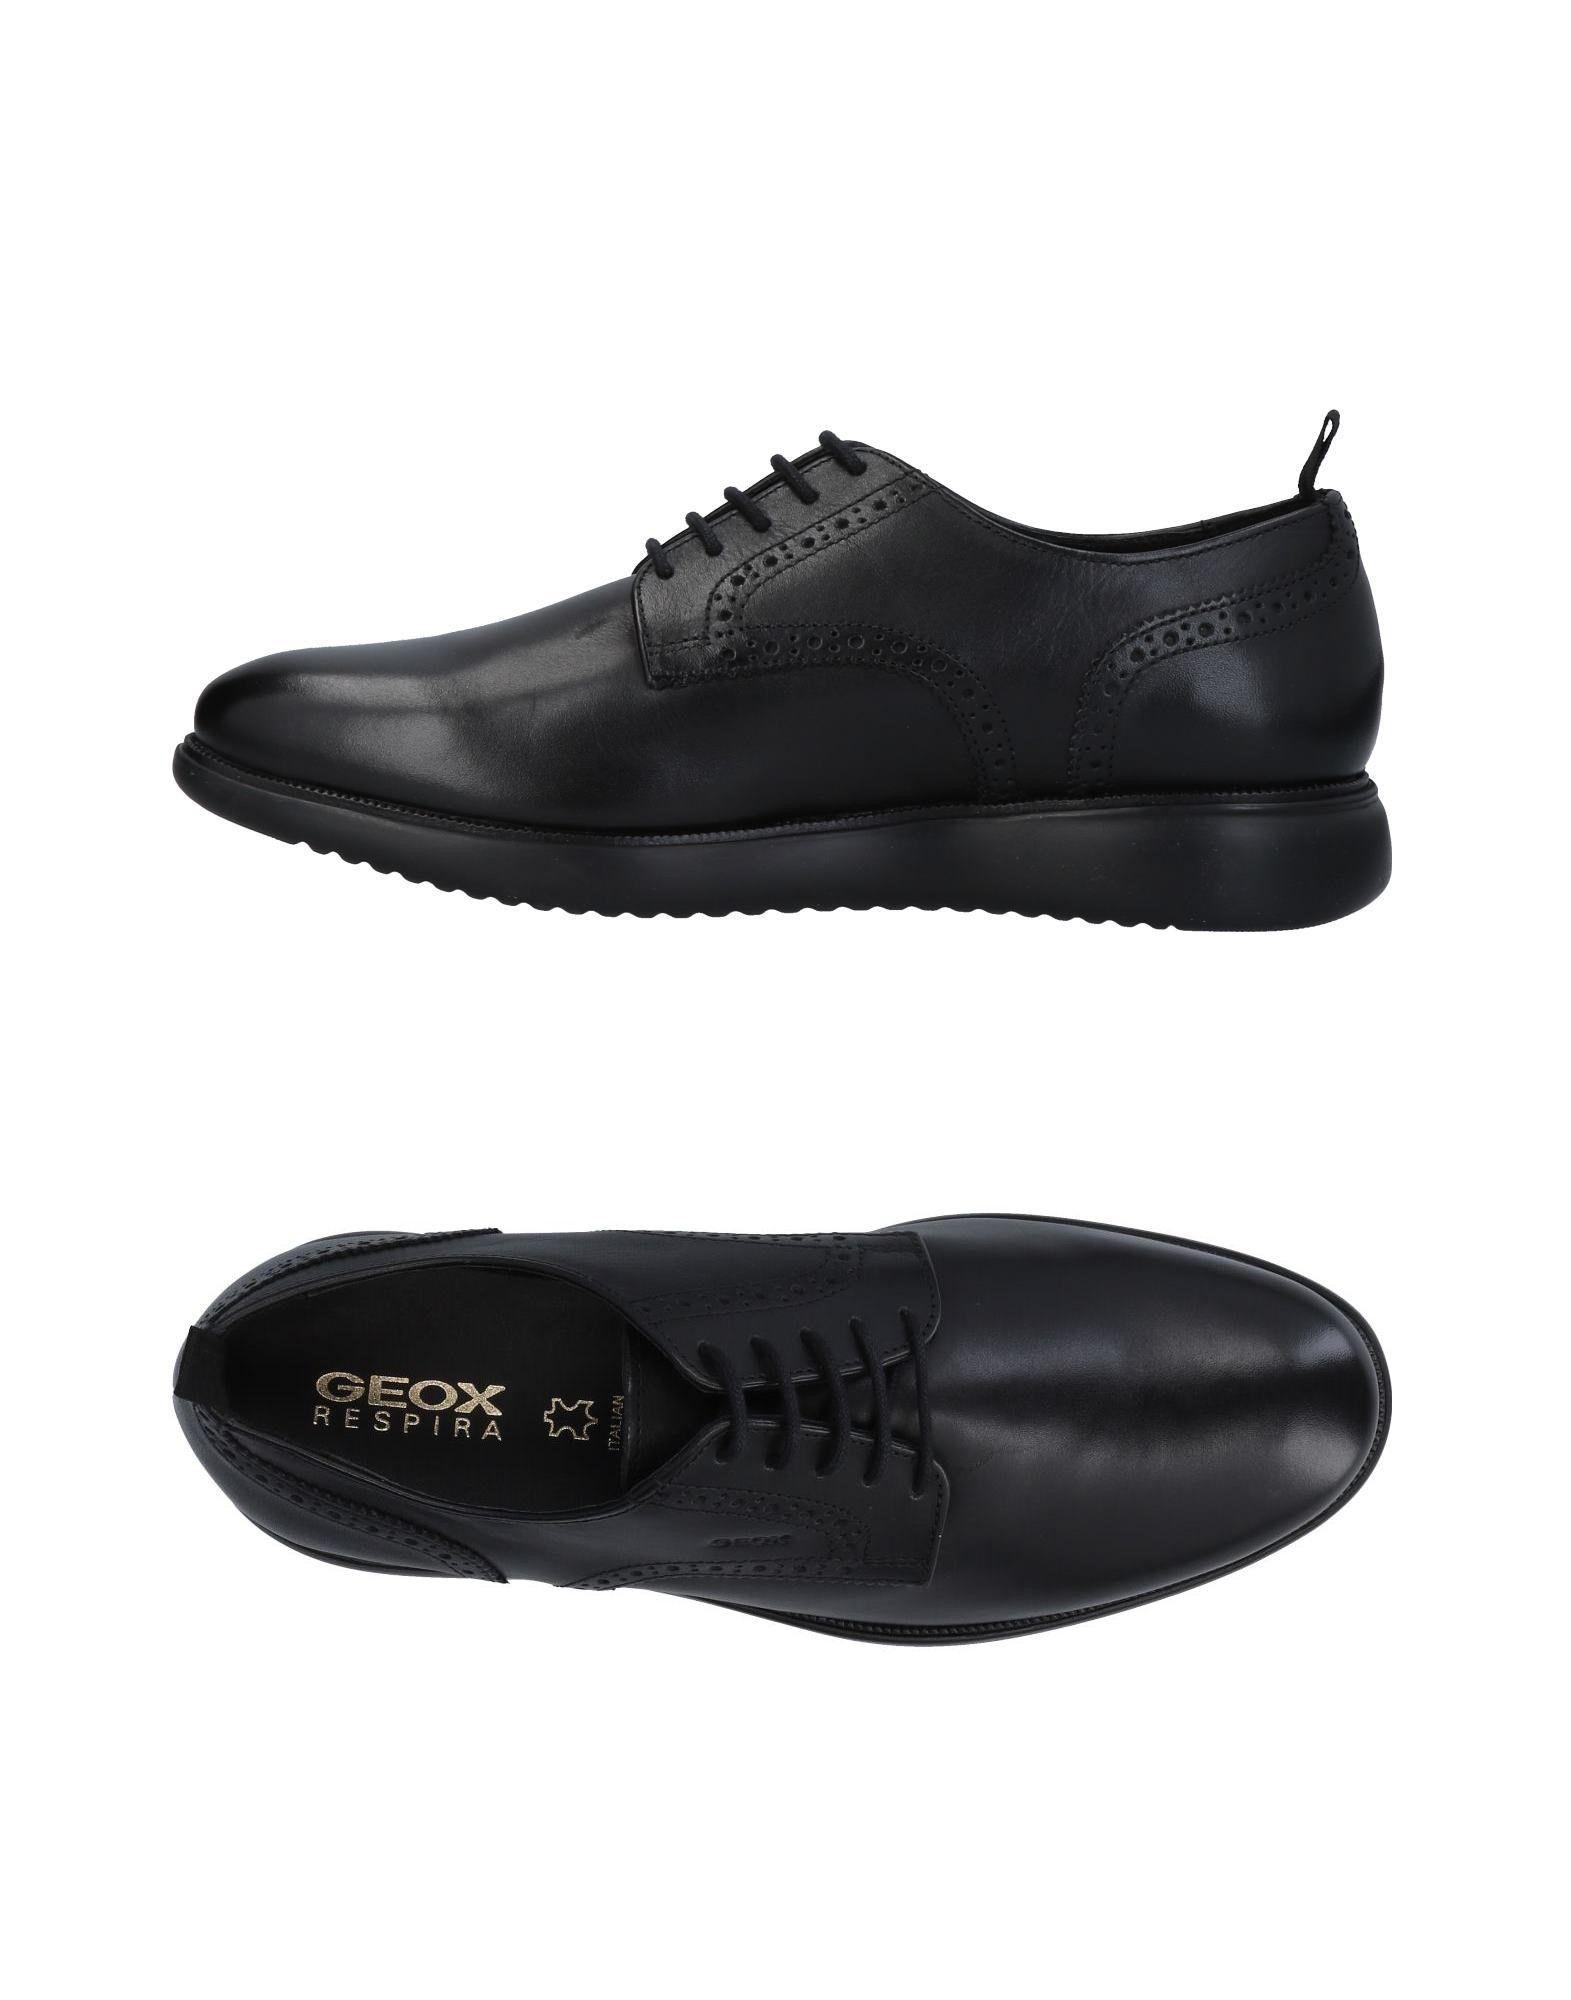 Descuento de la marca  Zapato De Zapatos Cordones Geox Hombre - Zapatos De De Cordones Geox 14e7f5